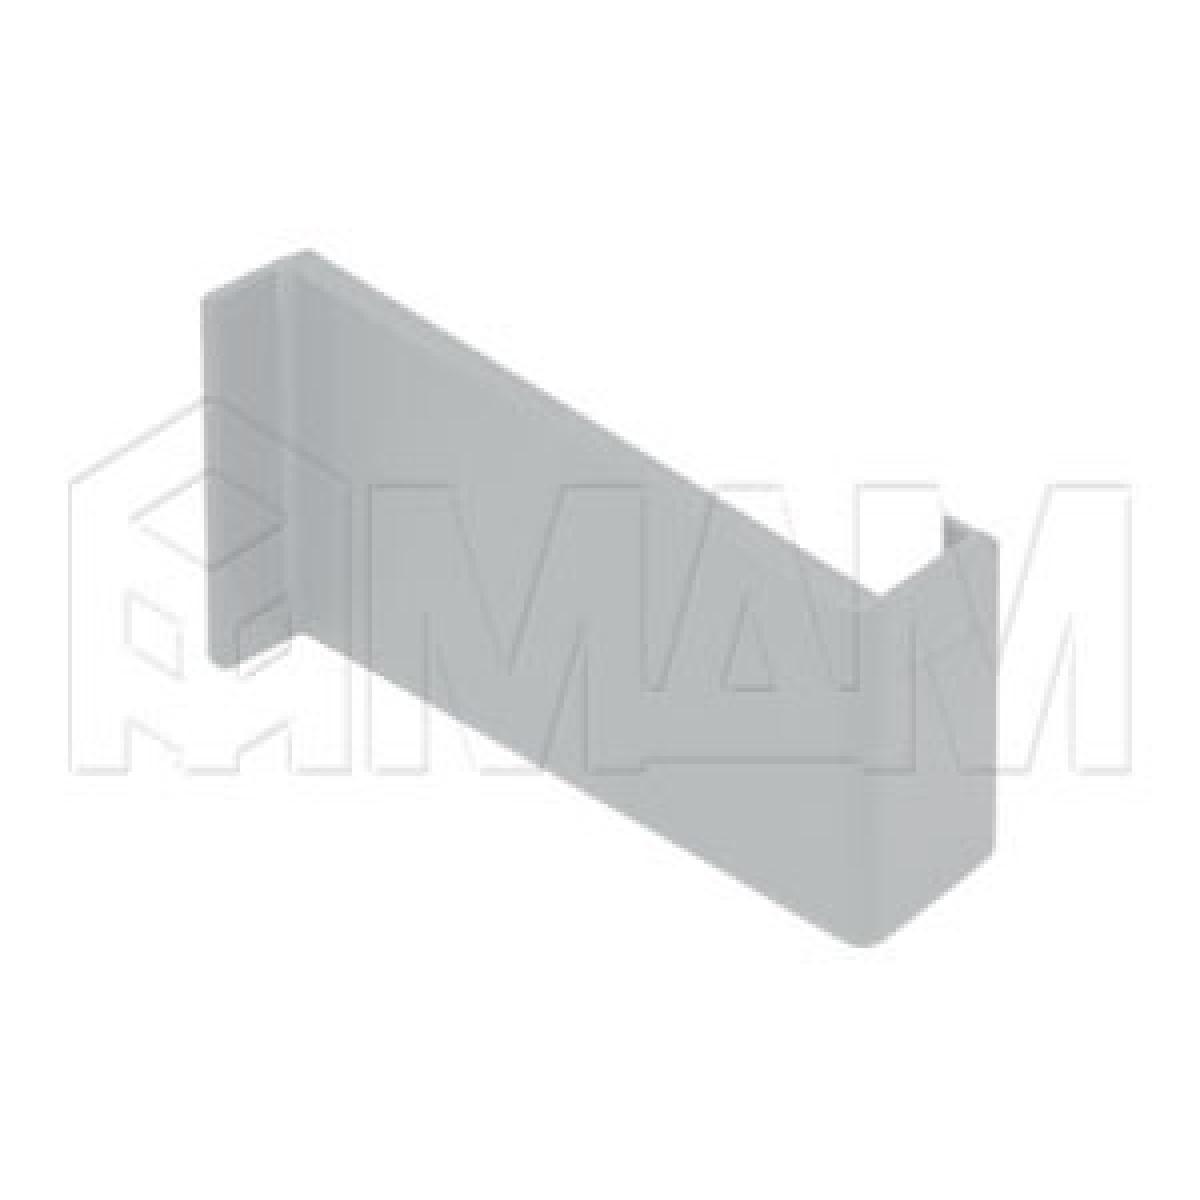 806 Заглушка для мебельного навеса, пластик, белая, левая